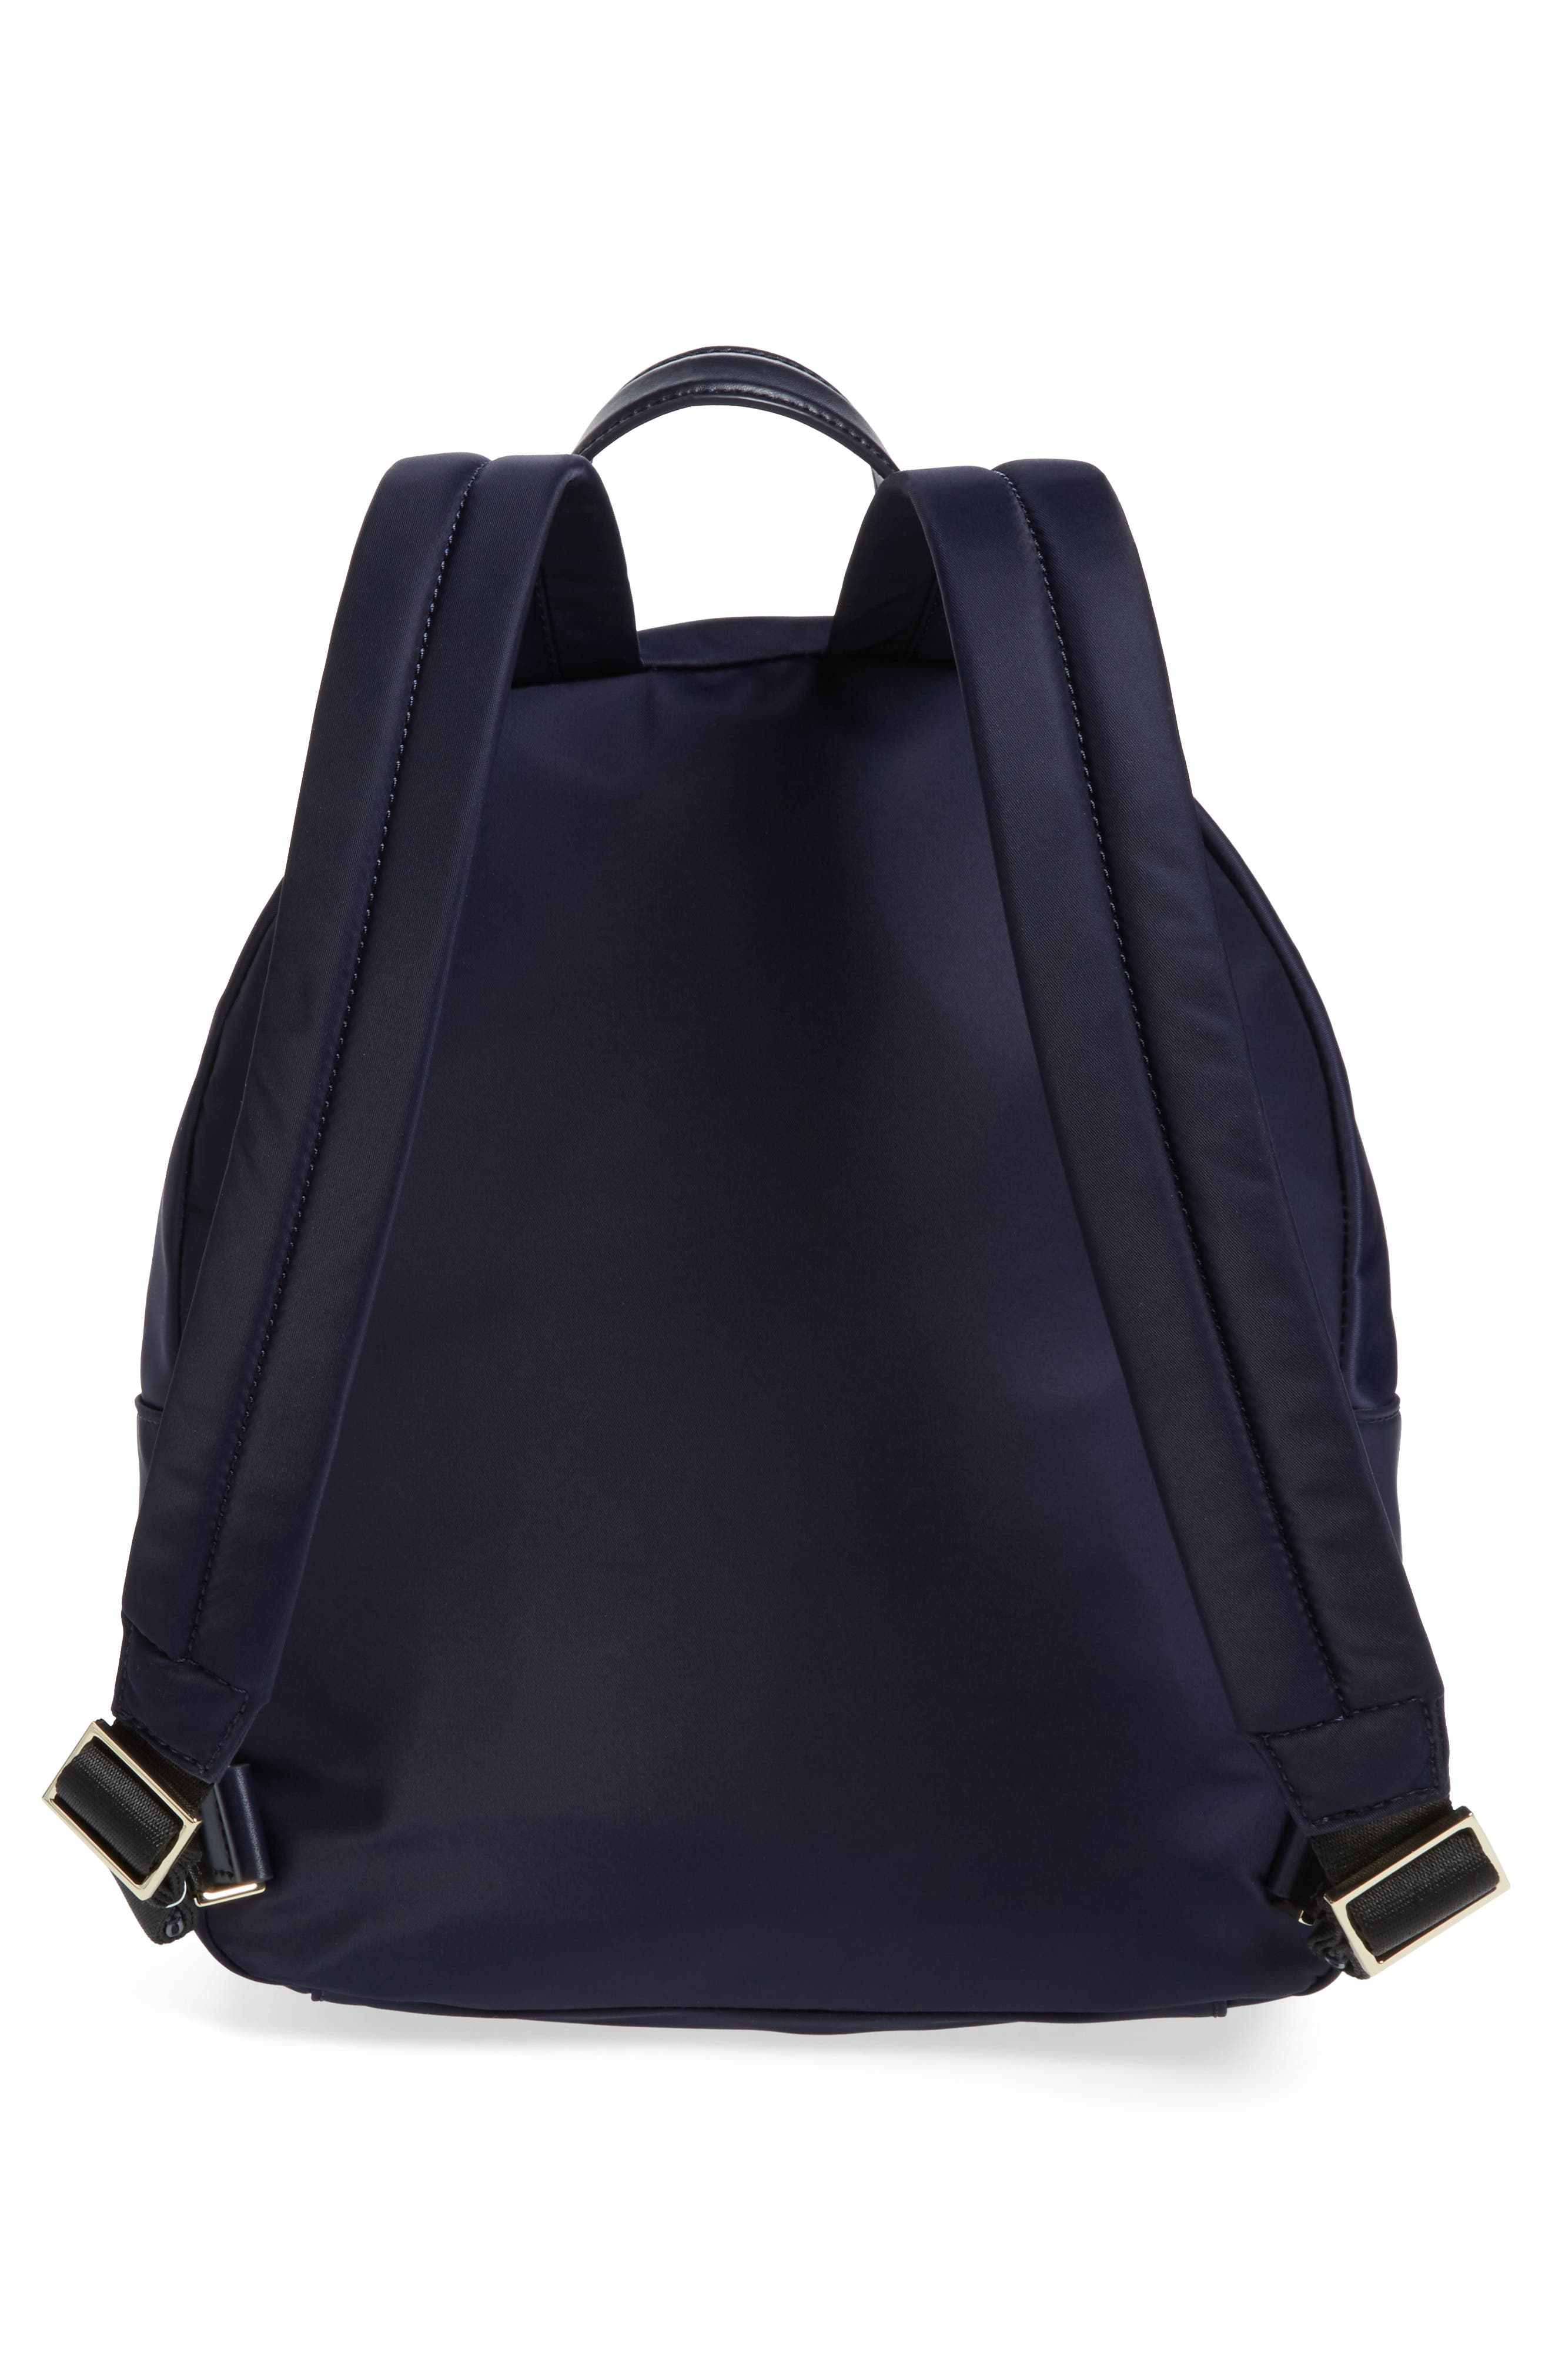 watson lane - hartley embellished nylon backpack,                             Alternate thumbnail 3, color,                             400